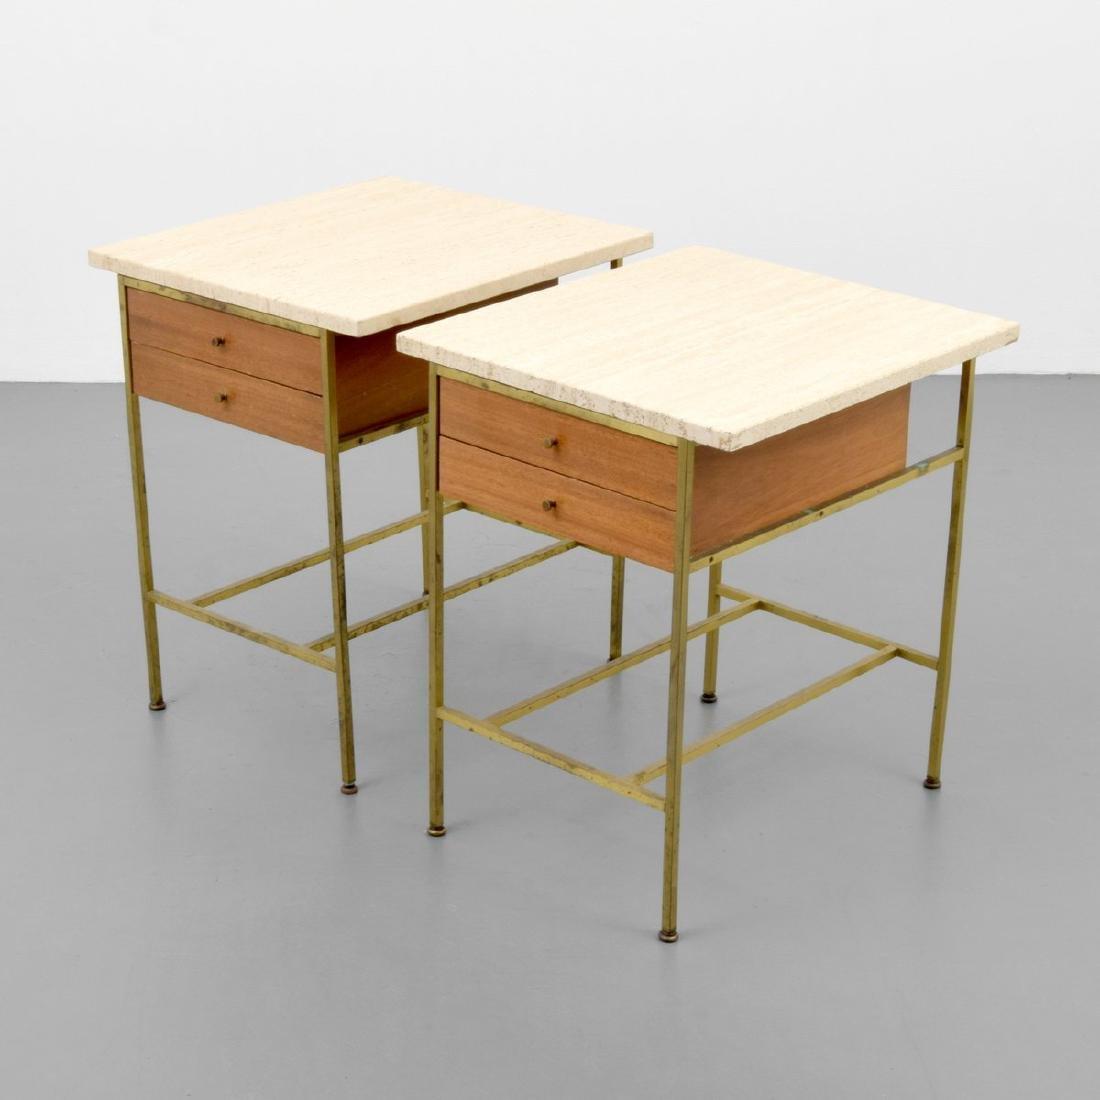 Pair of Paul McCobb Nightstands/Side Tables - 6